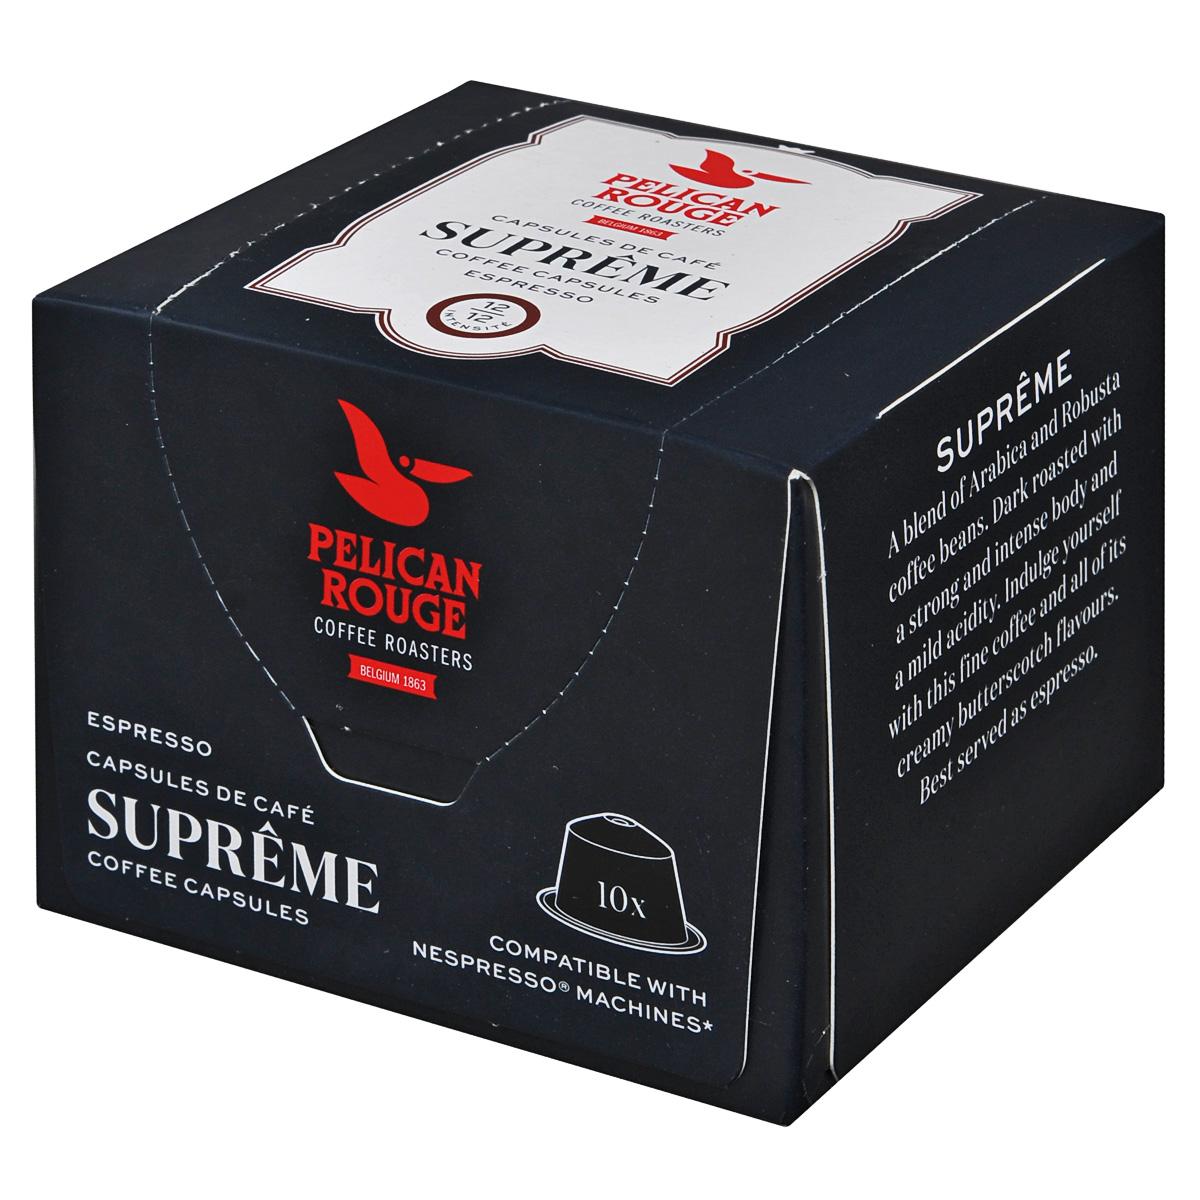 Pelican Rouge Supreme кофе в капсулах, 10 шт5410958432009Темный жареный кофе в капсулах Pelican Rouge Supreme с насыщенным ароматом карамели и с медовым послевкусием. Ароматные зерна для приготовления высочайшего качества эспрессо или капучино.